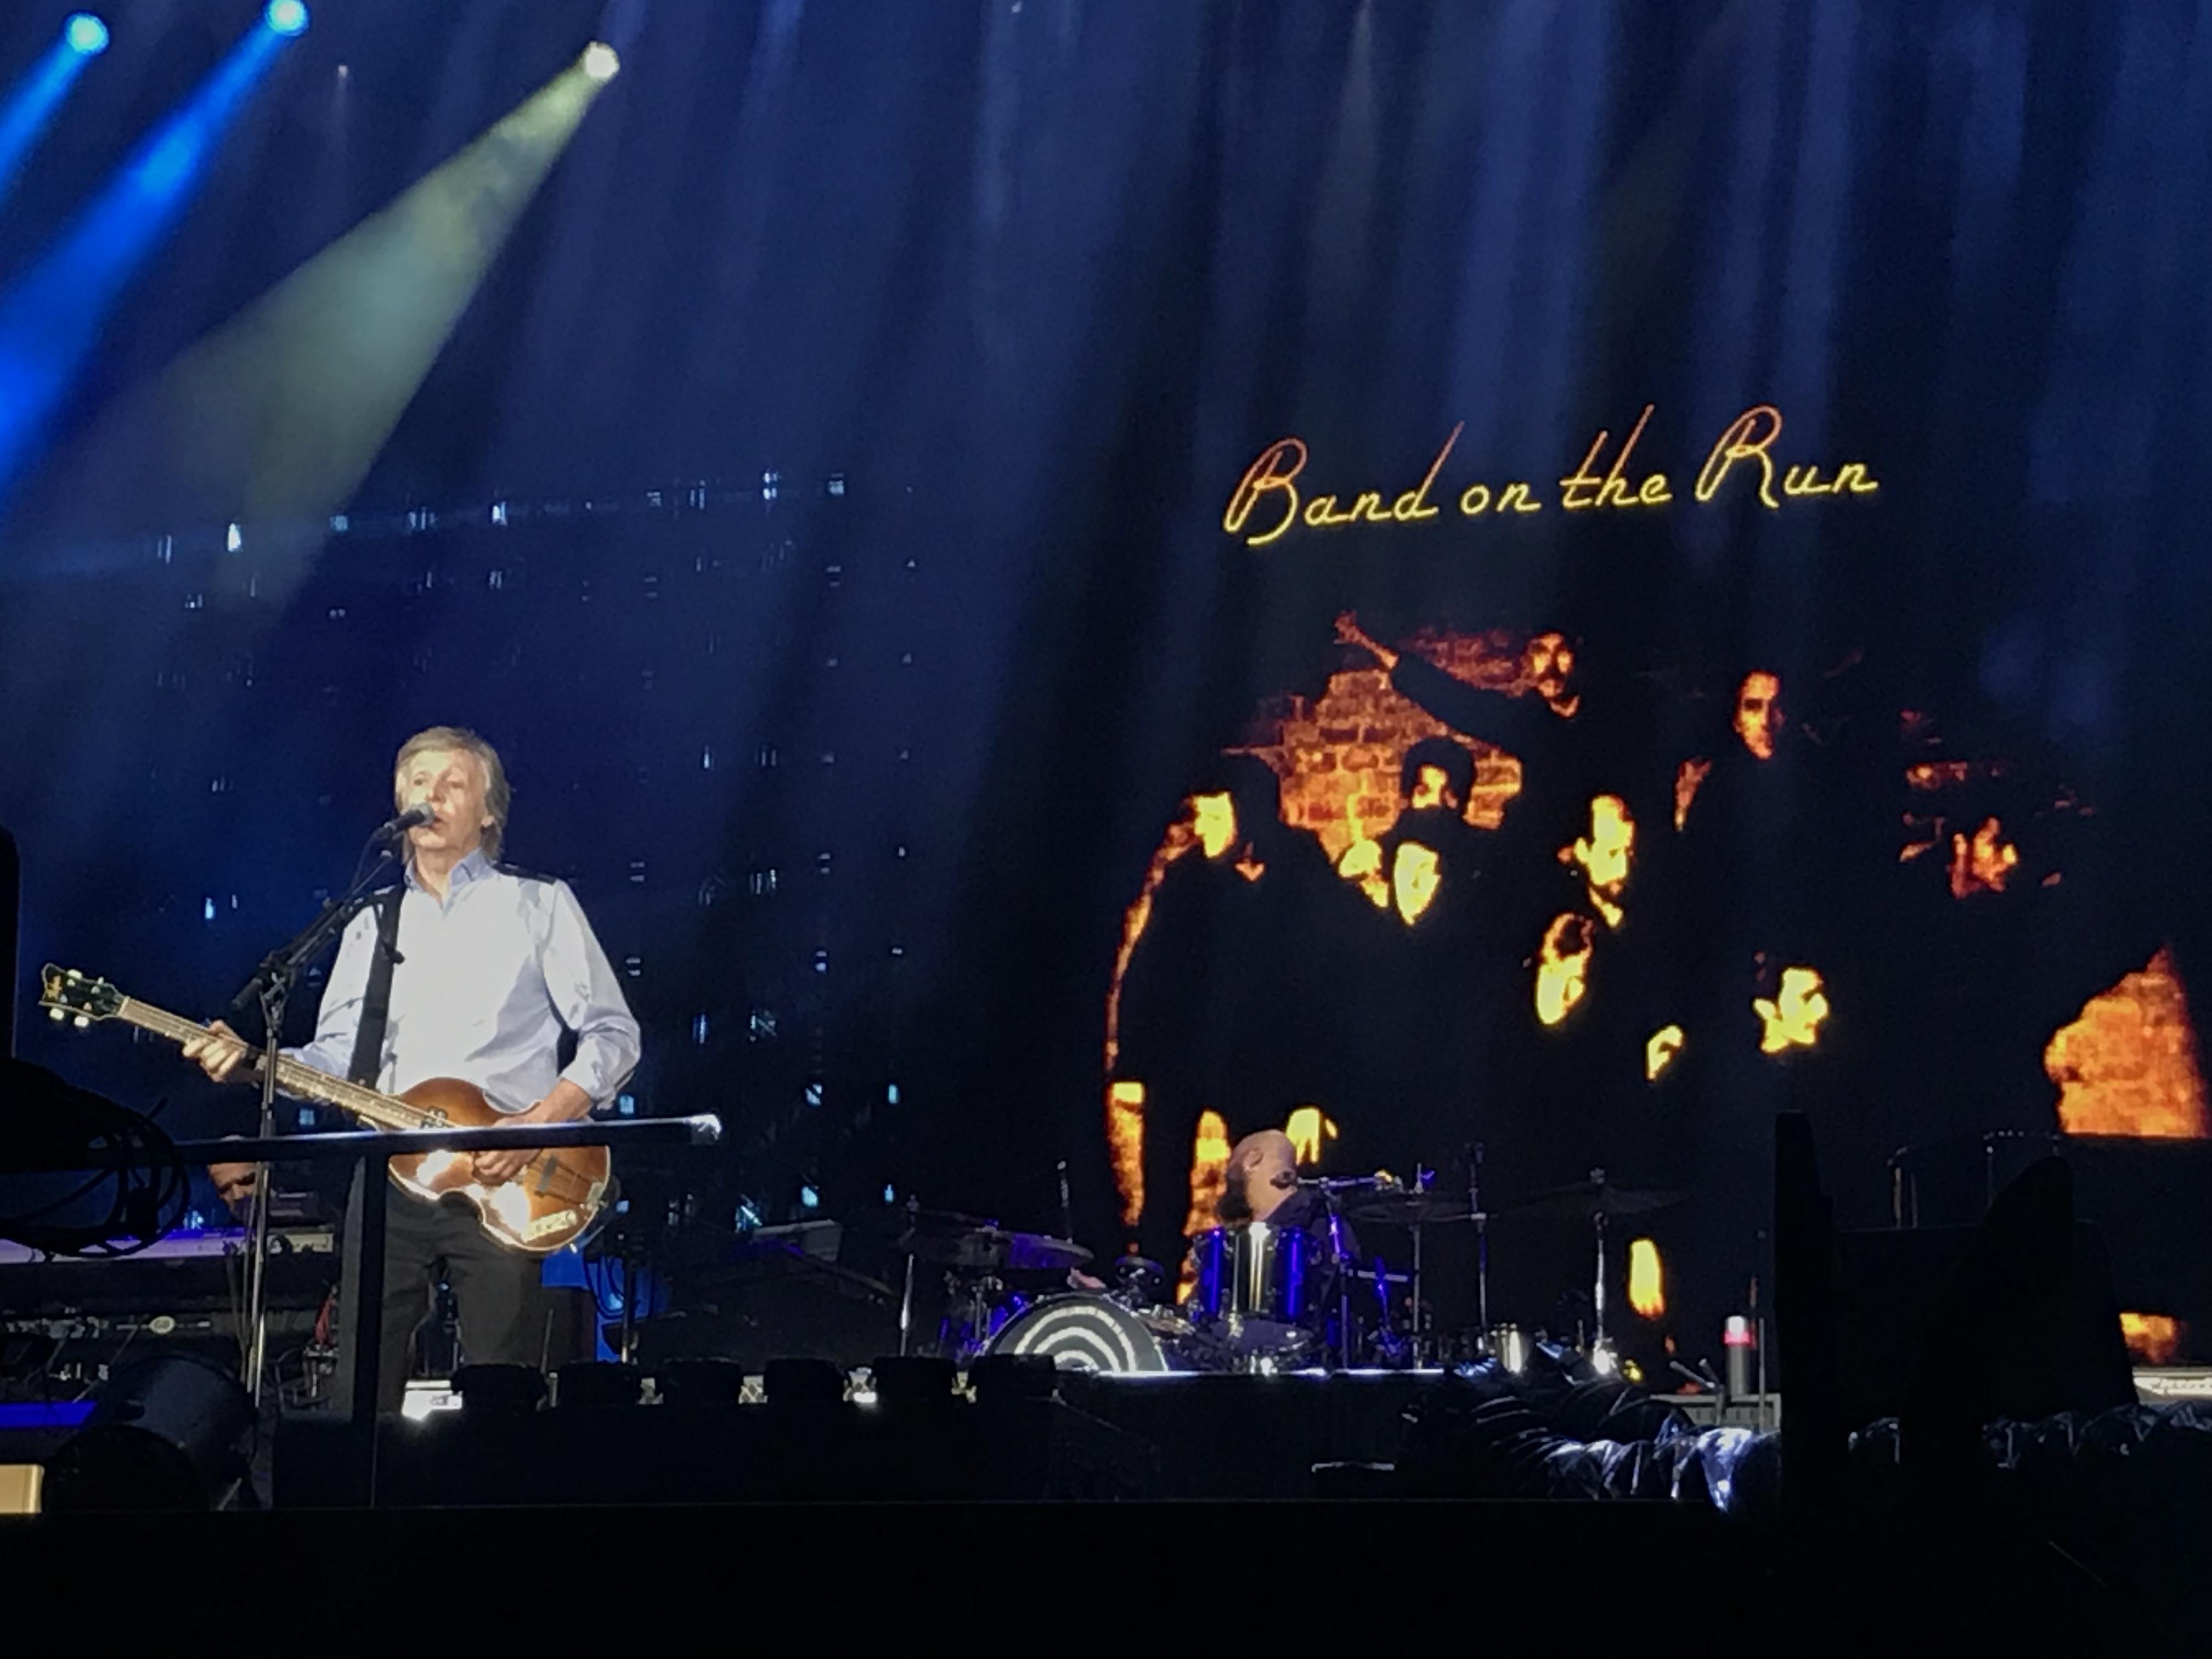 Paul McCartney encerra turnê brasileira com show histórico em Curitiba